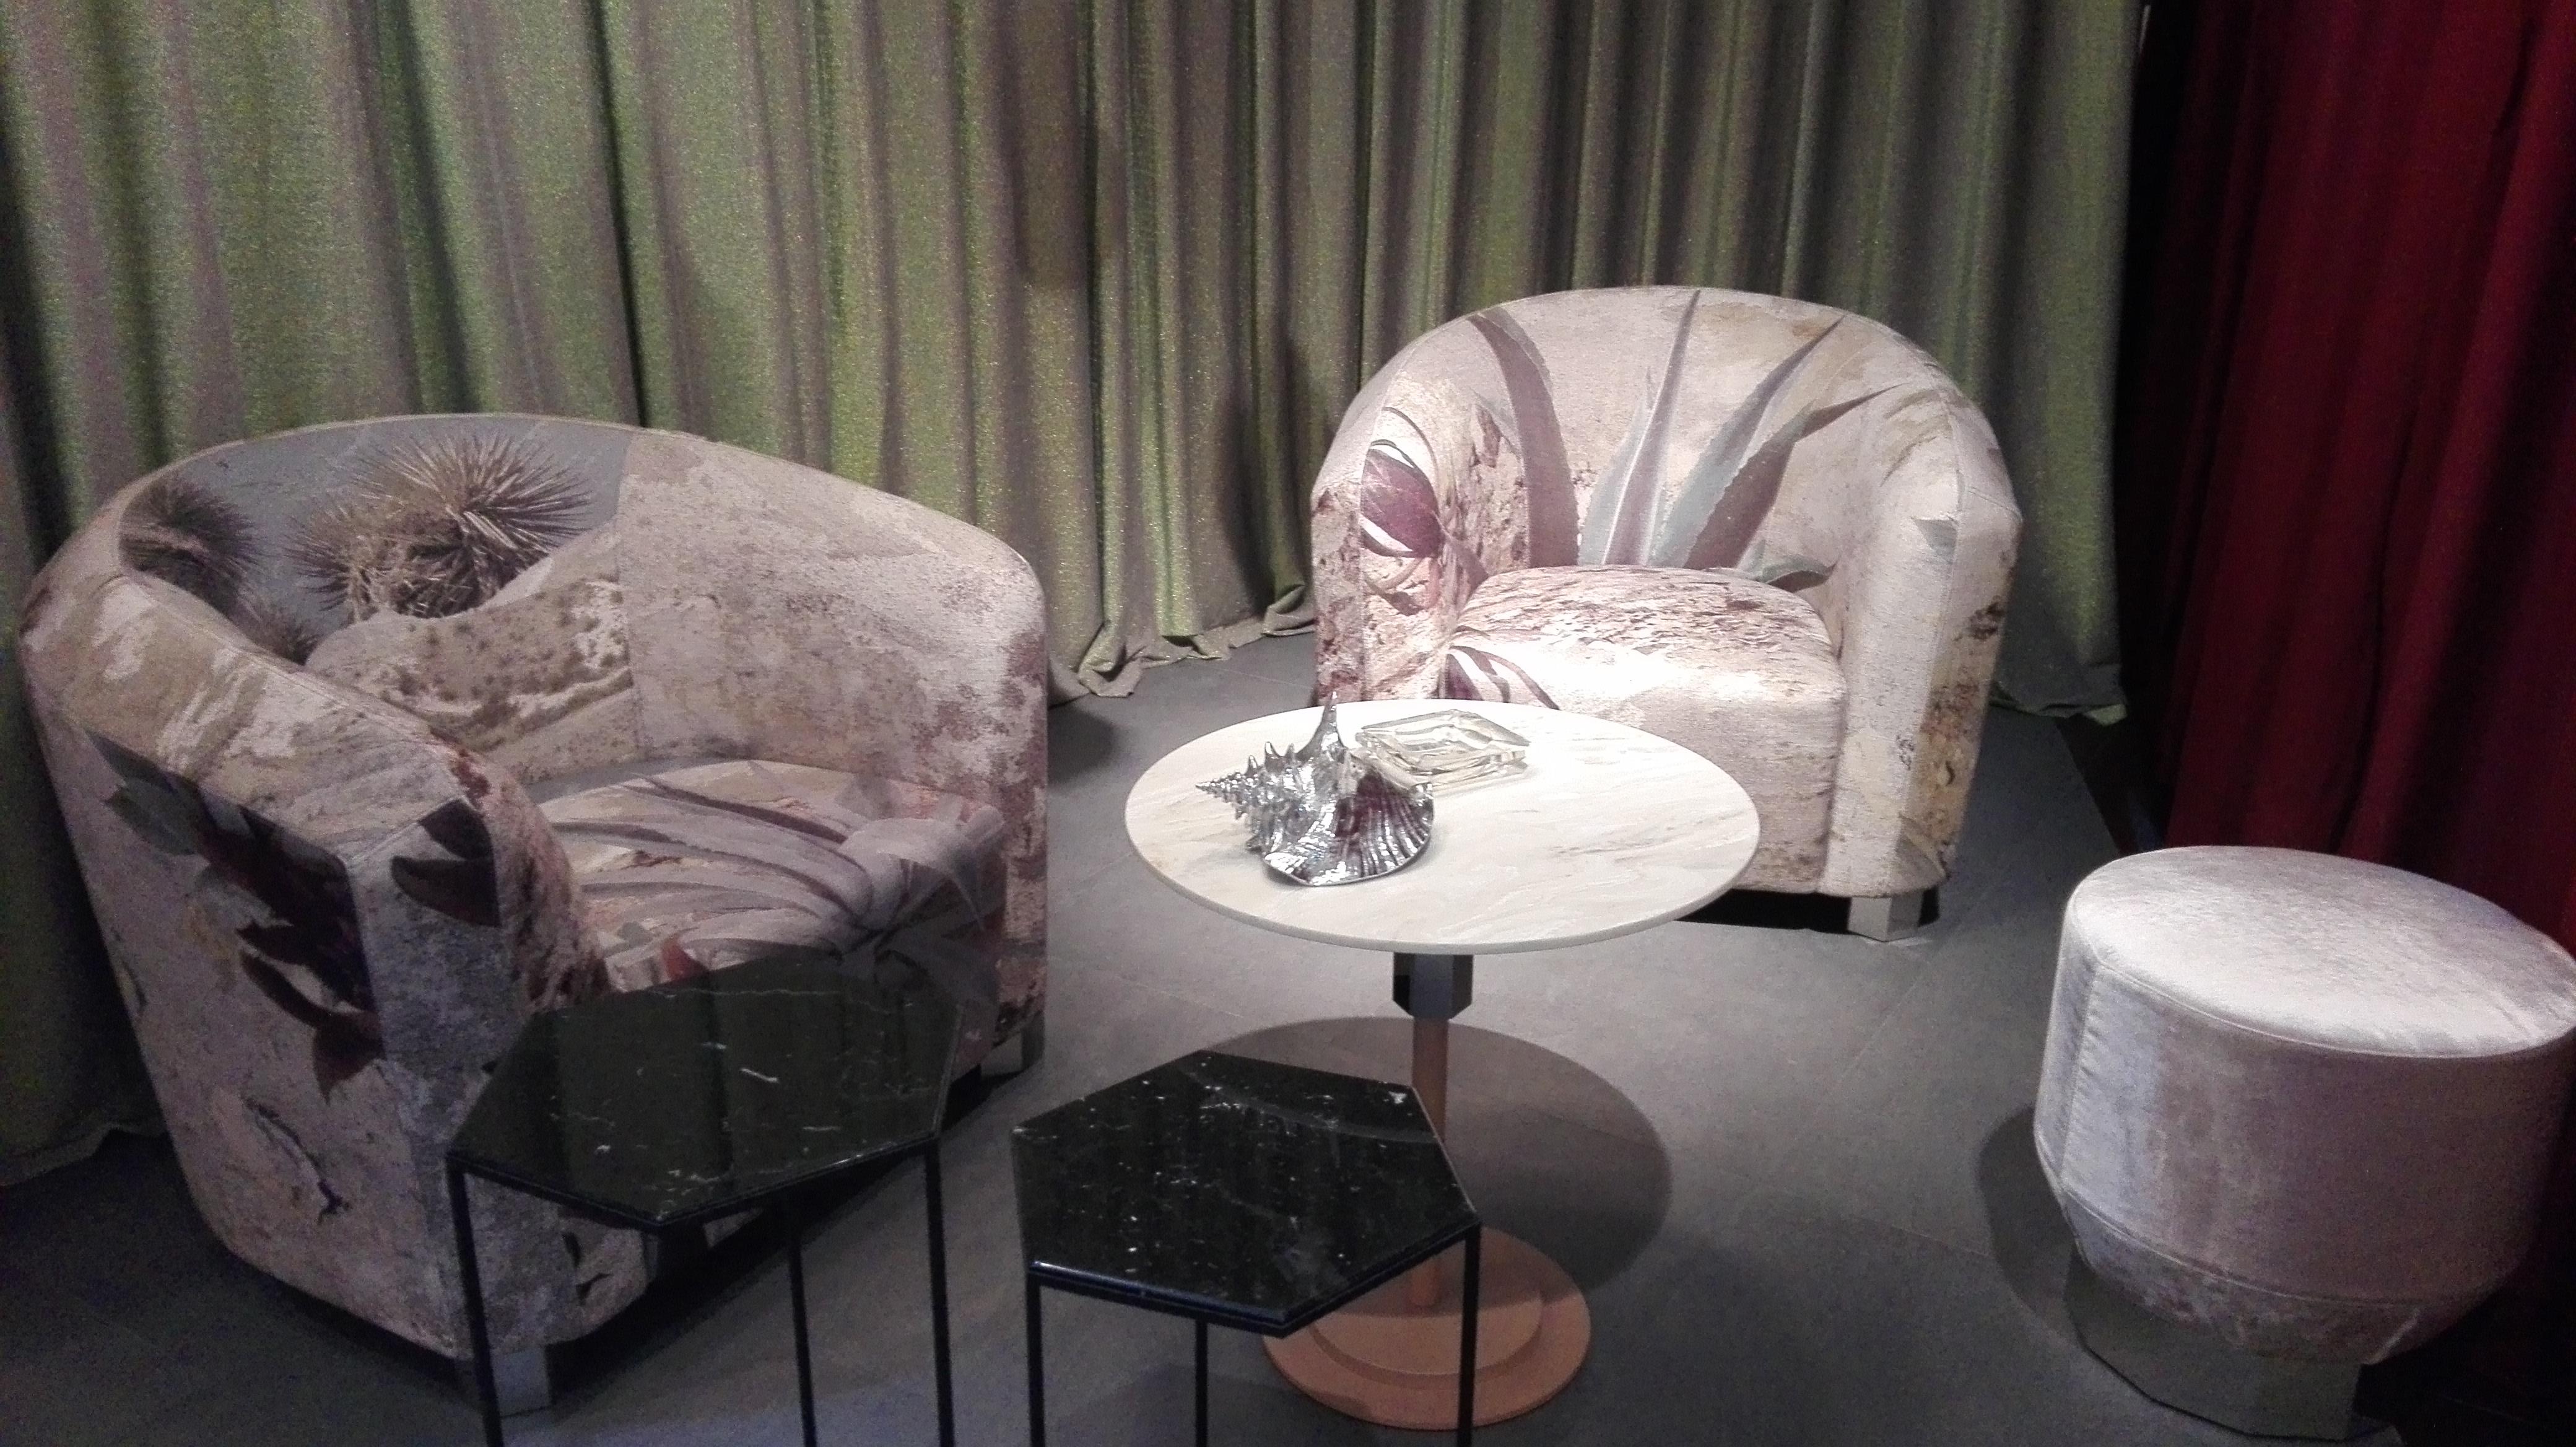 Oblazinjeno pohištvo s potiskano tkanino